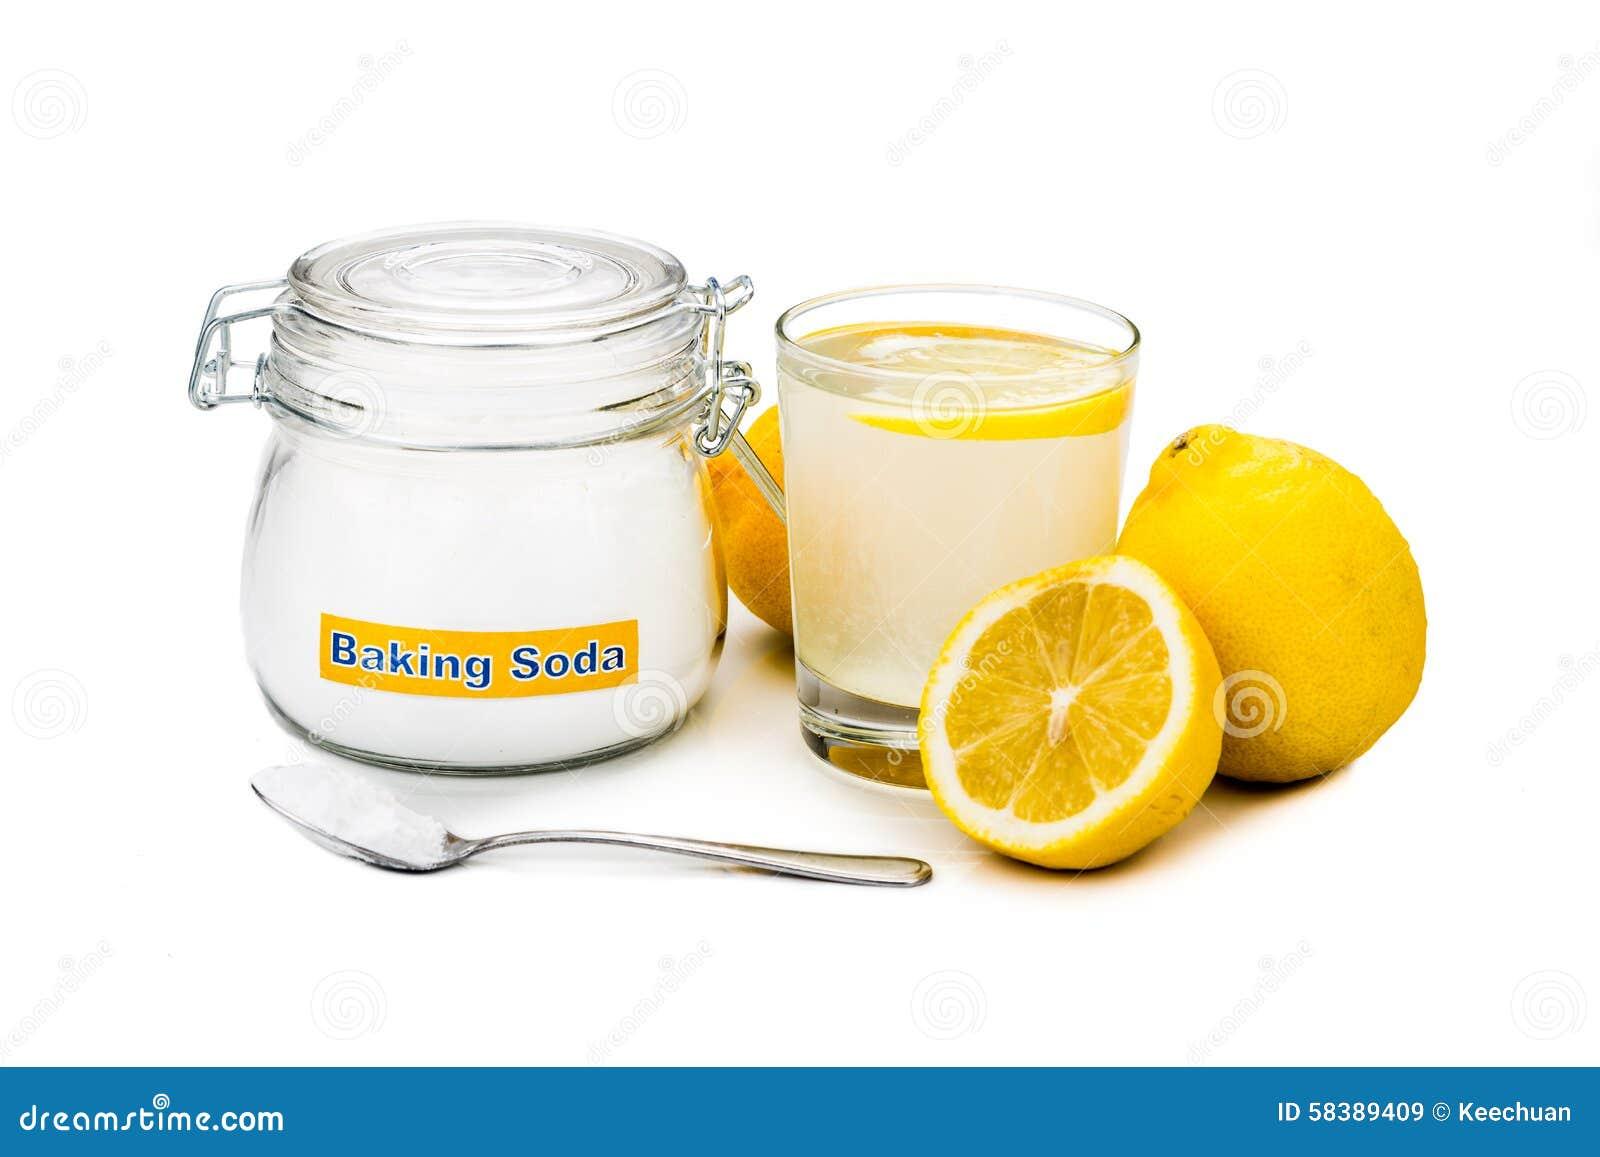 bicarbonate de soude avec le jus de citron en verre pour l 39 usag holistique multiple image stock. Black Bedroom Furniture Sets. Home Design Ideas